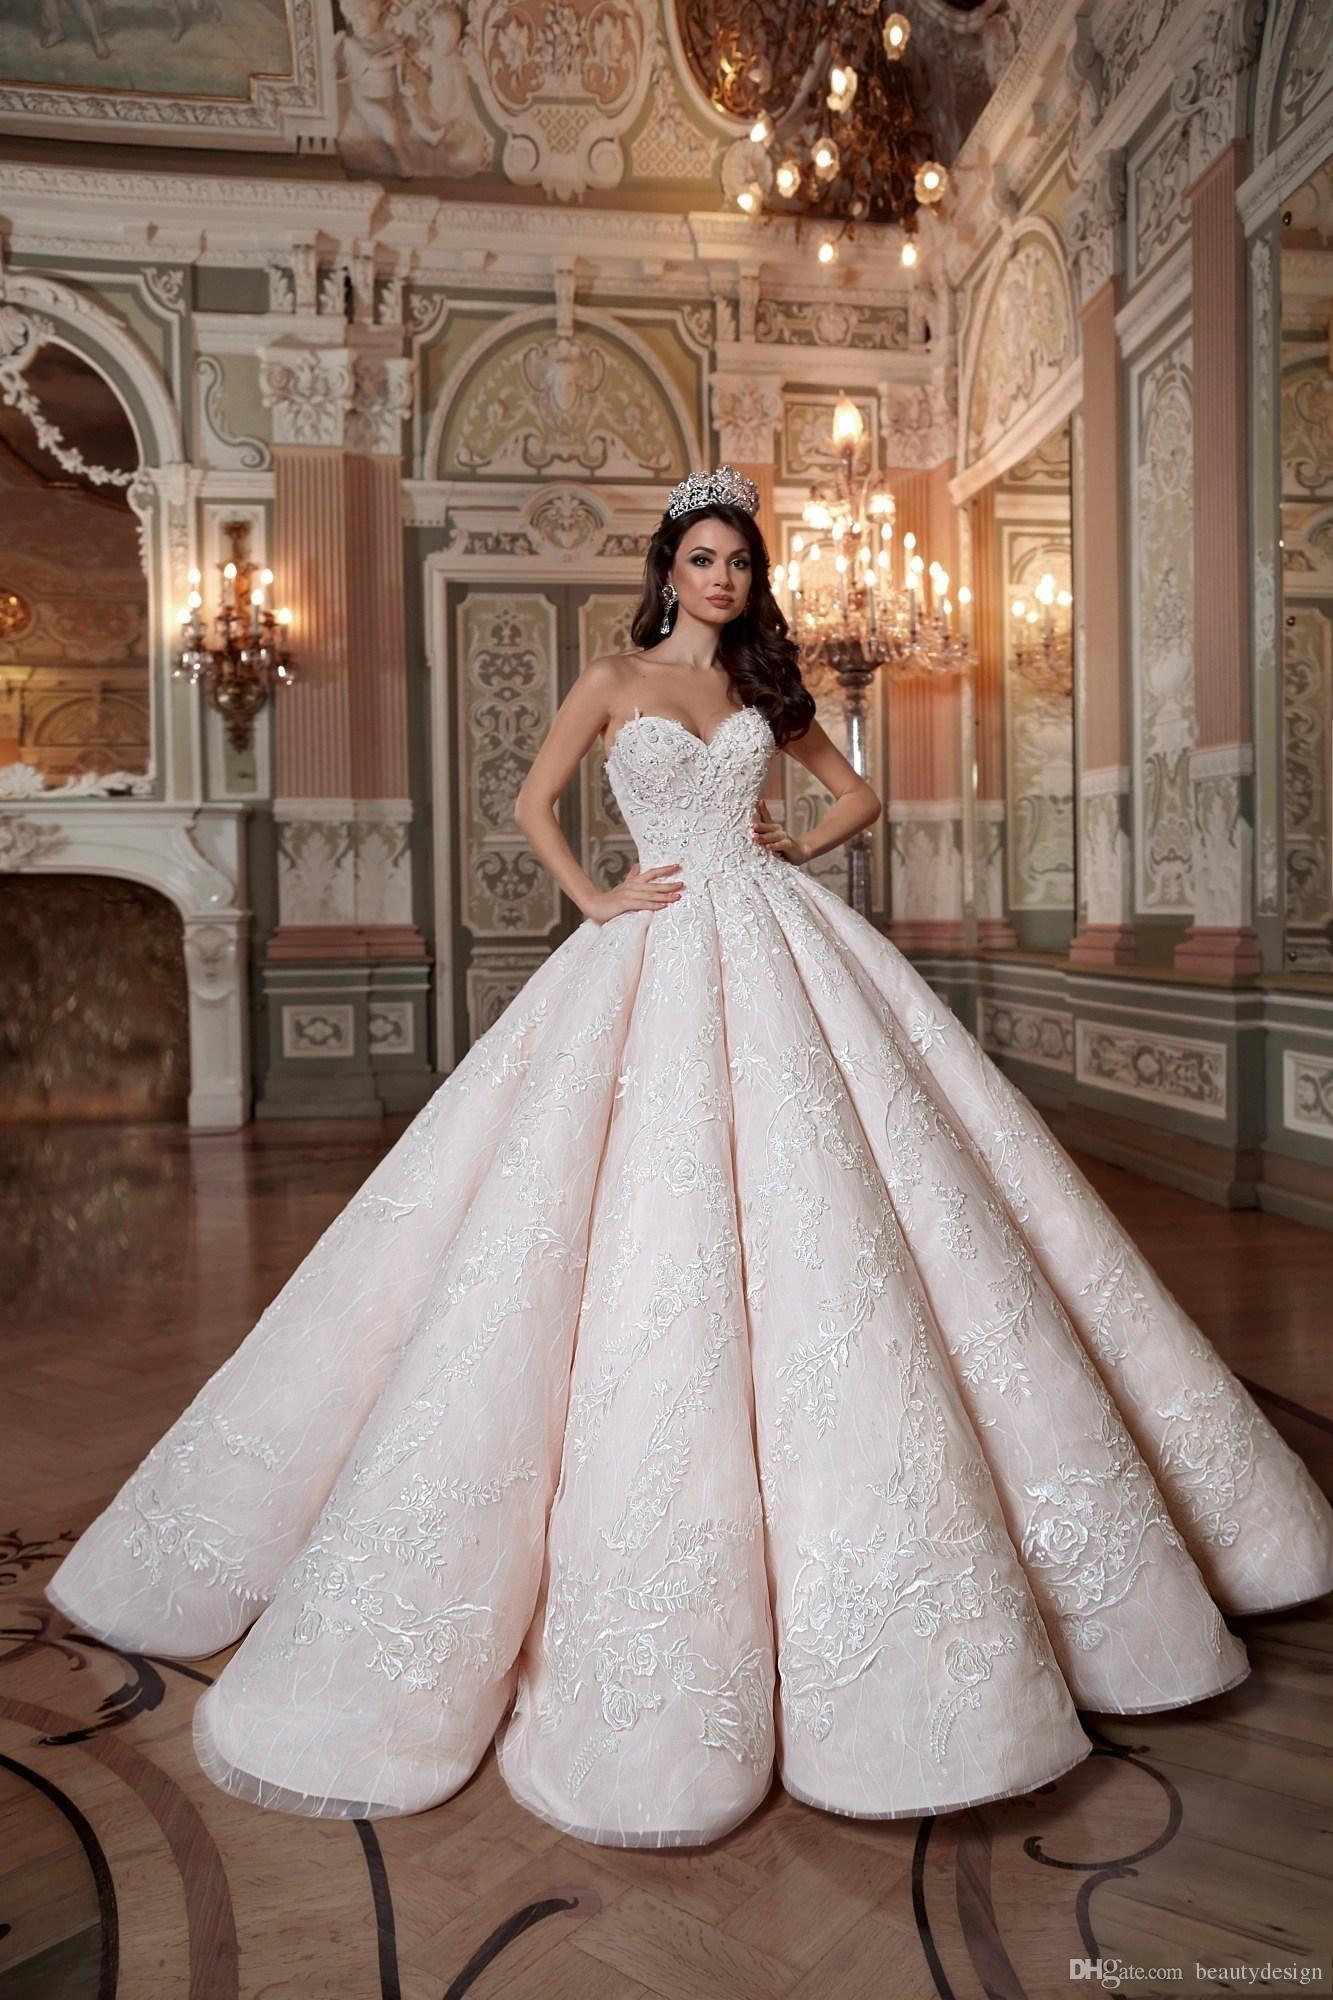 2020 Blush Roze Queen Trouwjurken Sweetheart Hard Satin Floor Lengte Lace Baljurk Custom Made Bruidsjurken - 2